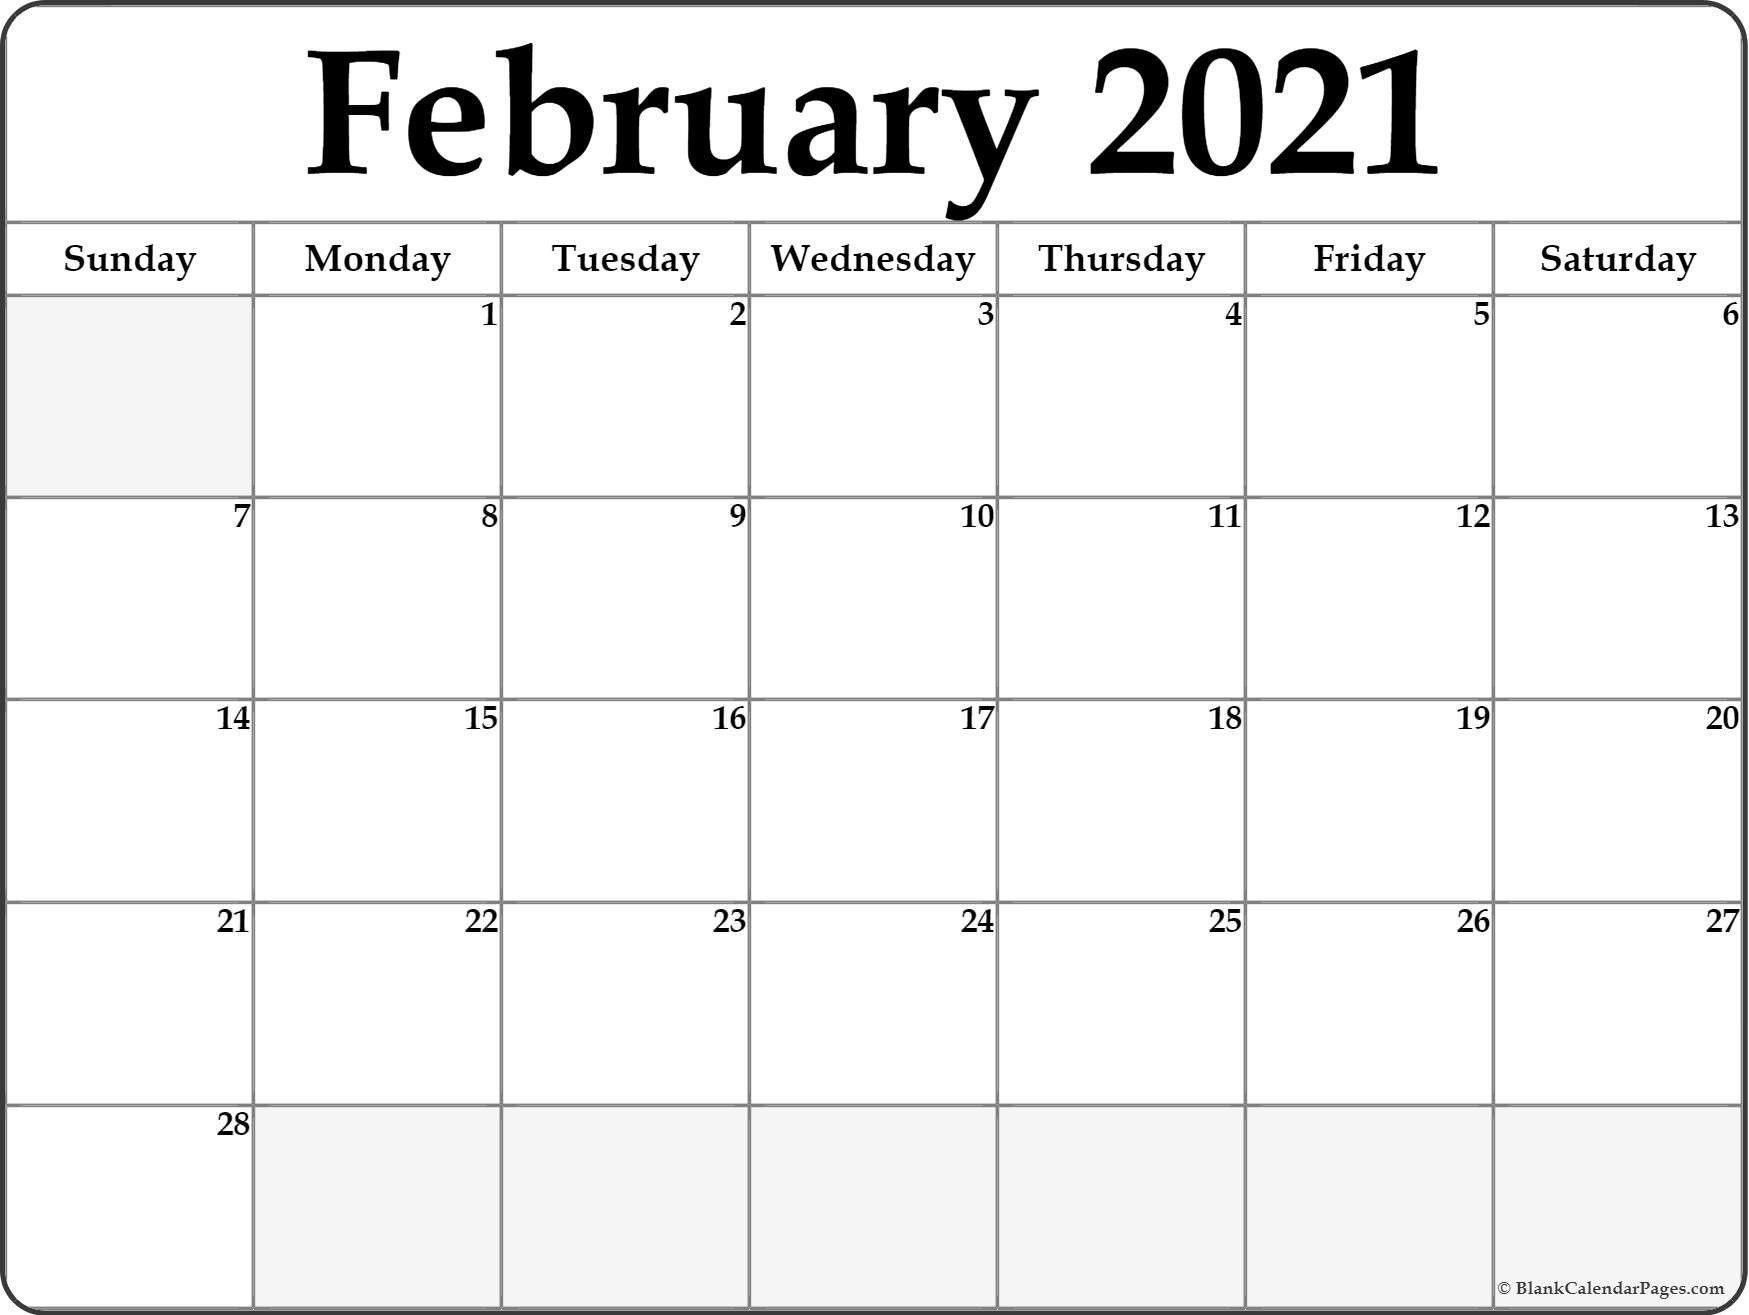 Calendar February 2021 Editable Planner In 2020 | February